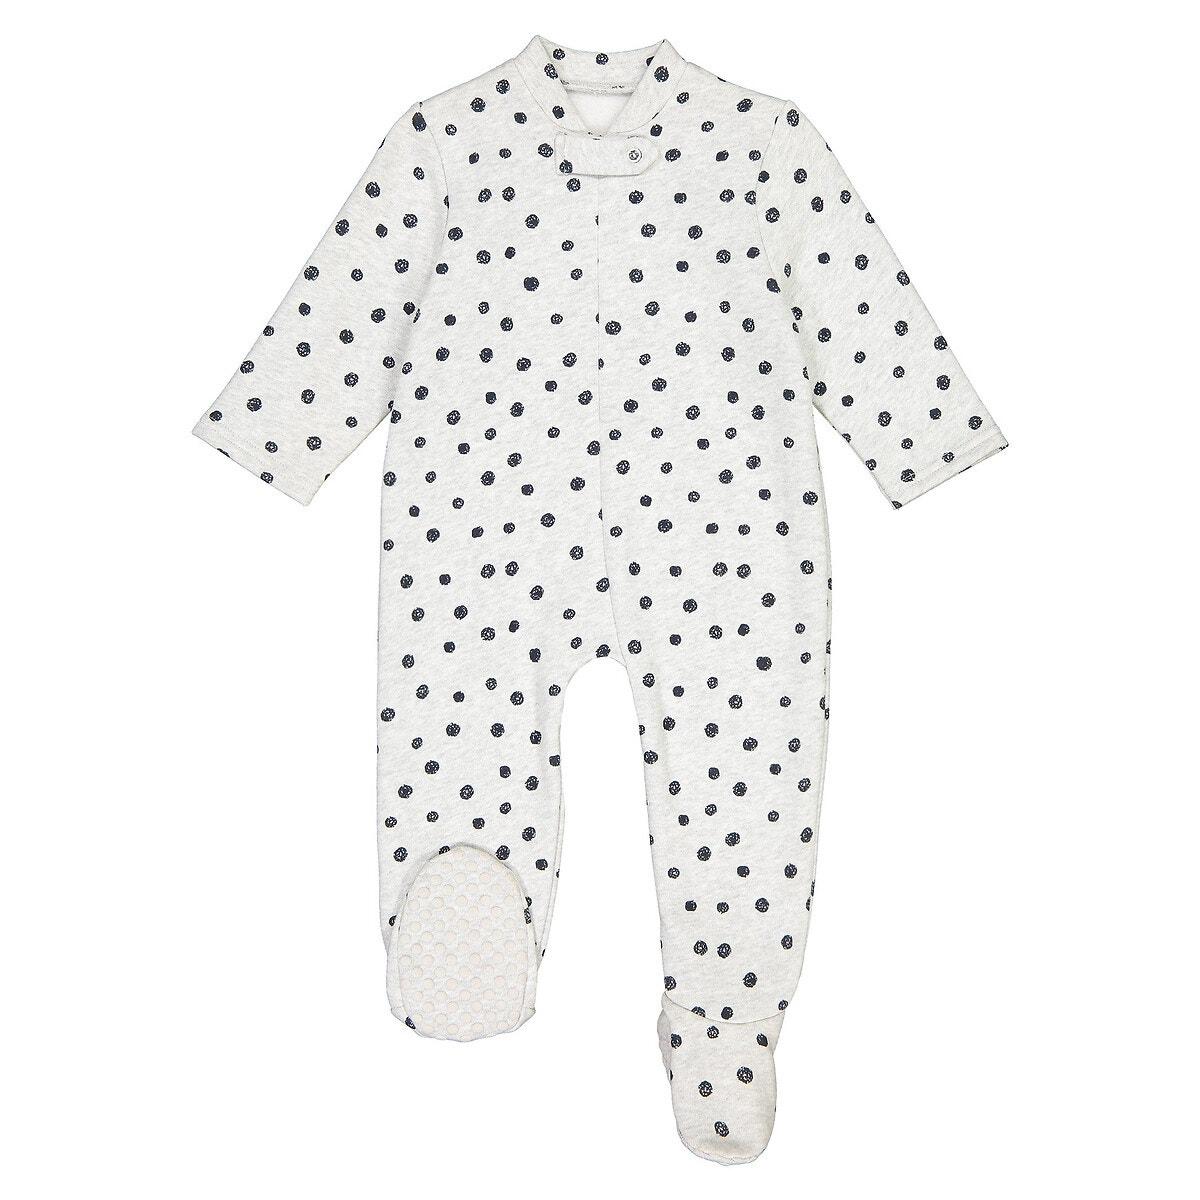 Πουά φλις φορμάκι, νεογέννητο-3 ετών παιδι   πυτζάμες